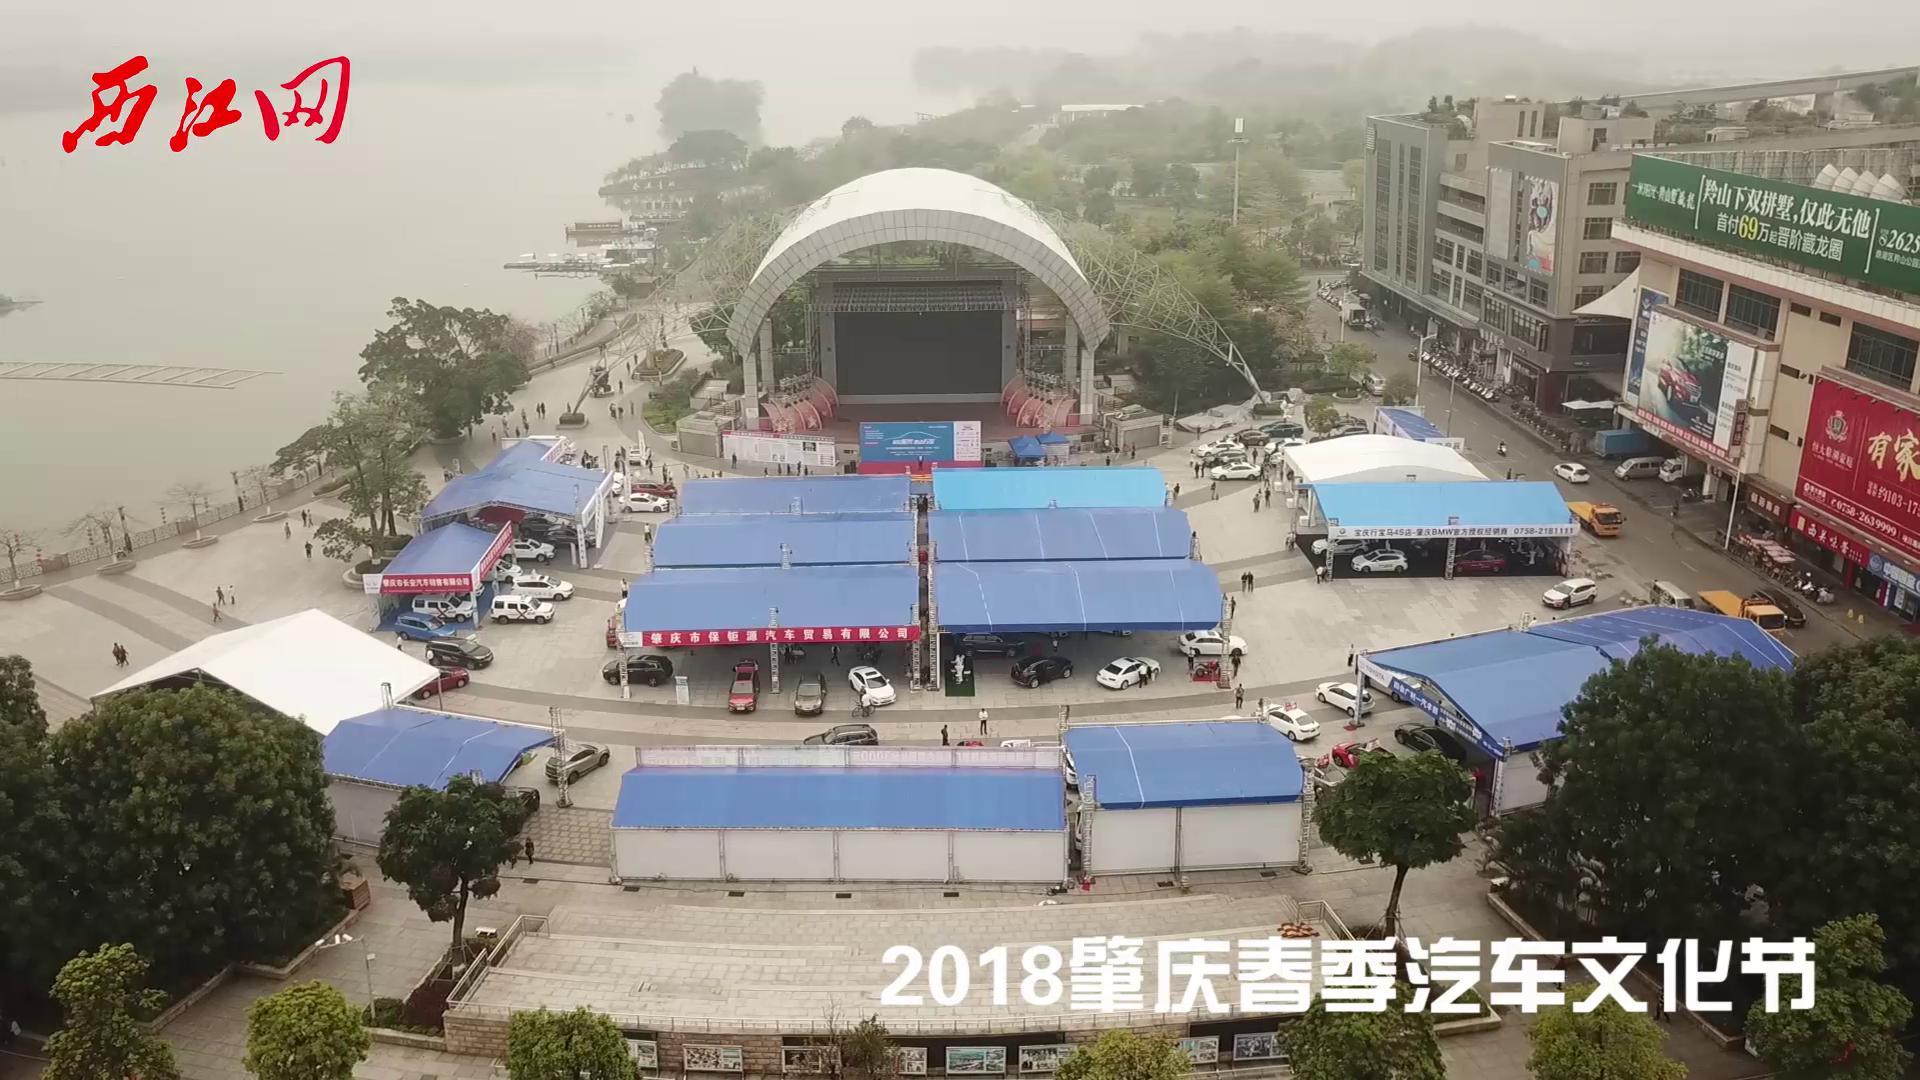 2018肇庆春季汽车文化节